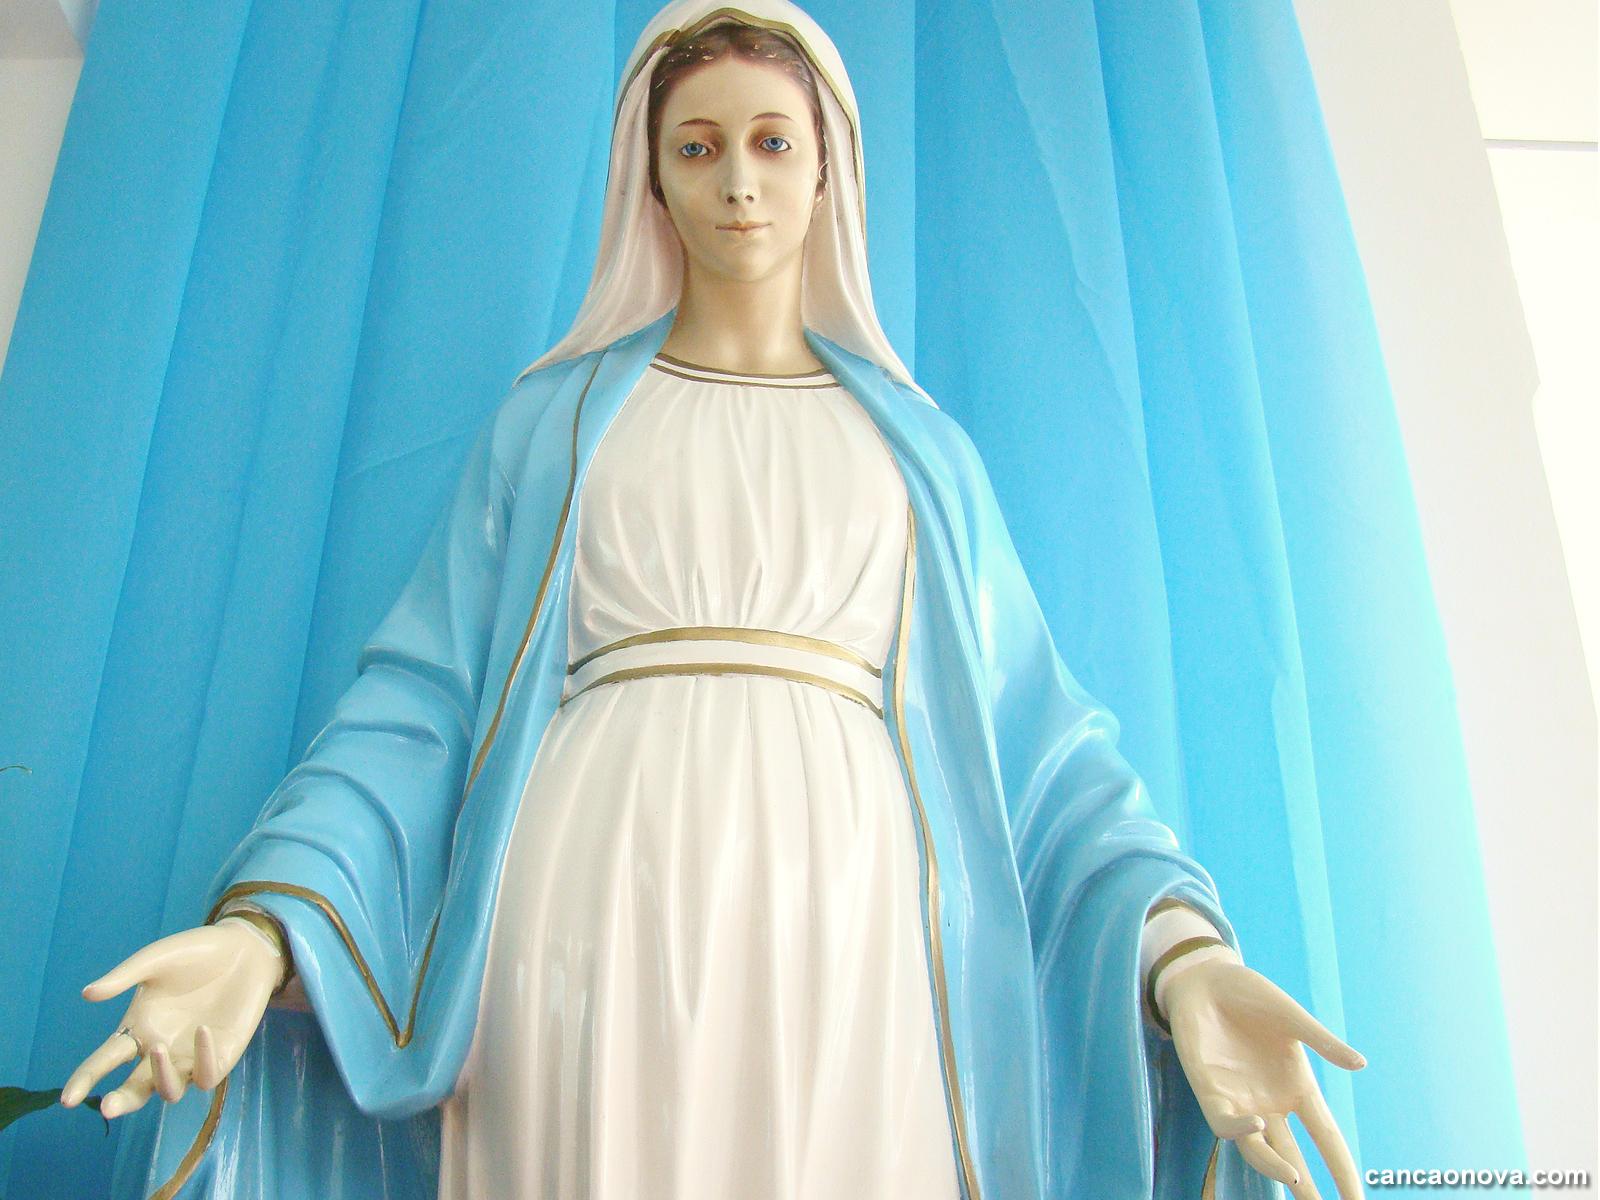 Compreenda Por Que A Virgem Maria é Cheia De Graça